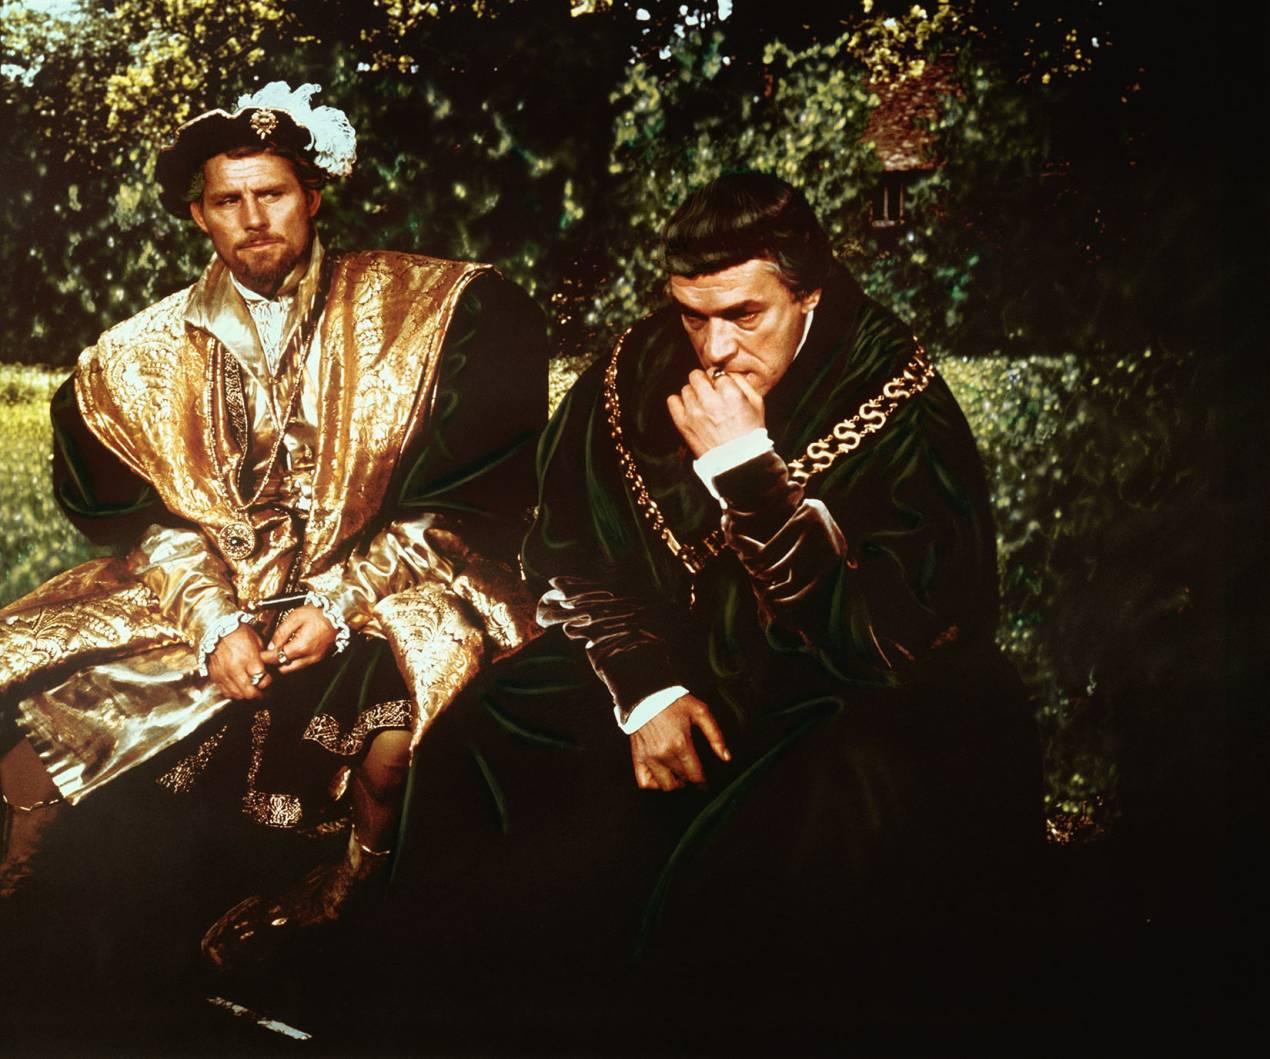 Non pensarci troppo, amico Thomas (è il film del 1966, tratto dal dramma di Bolt).